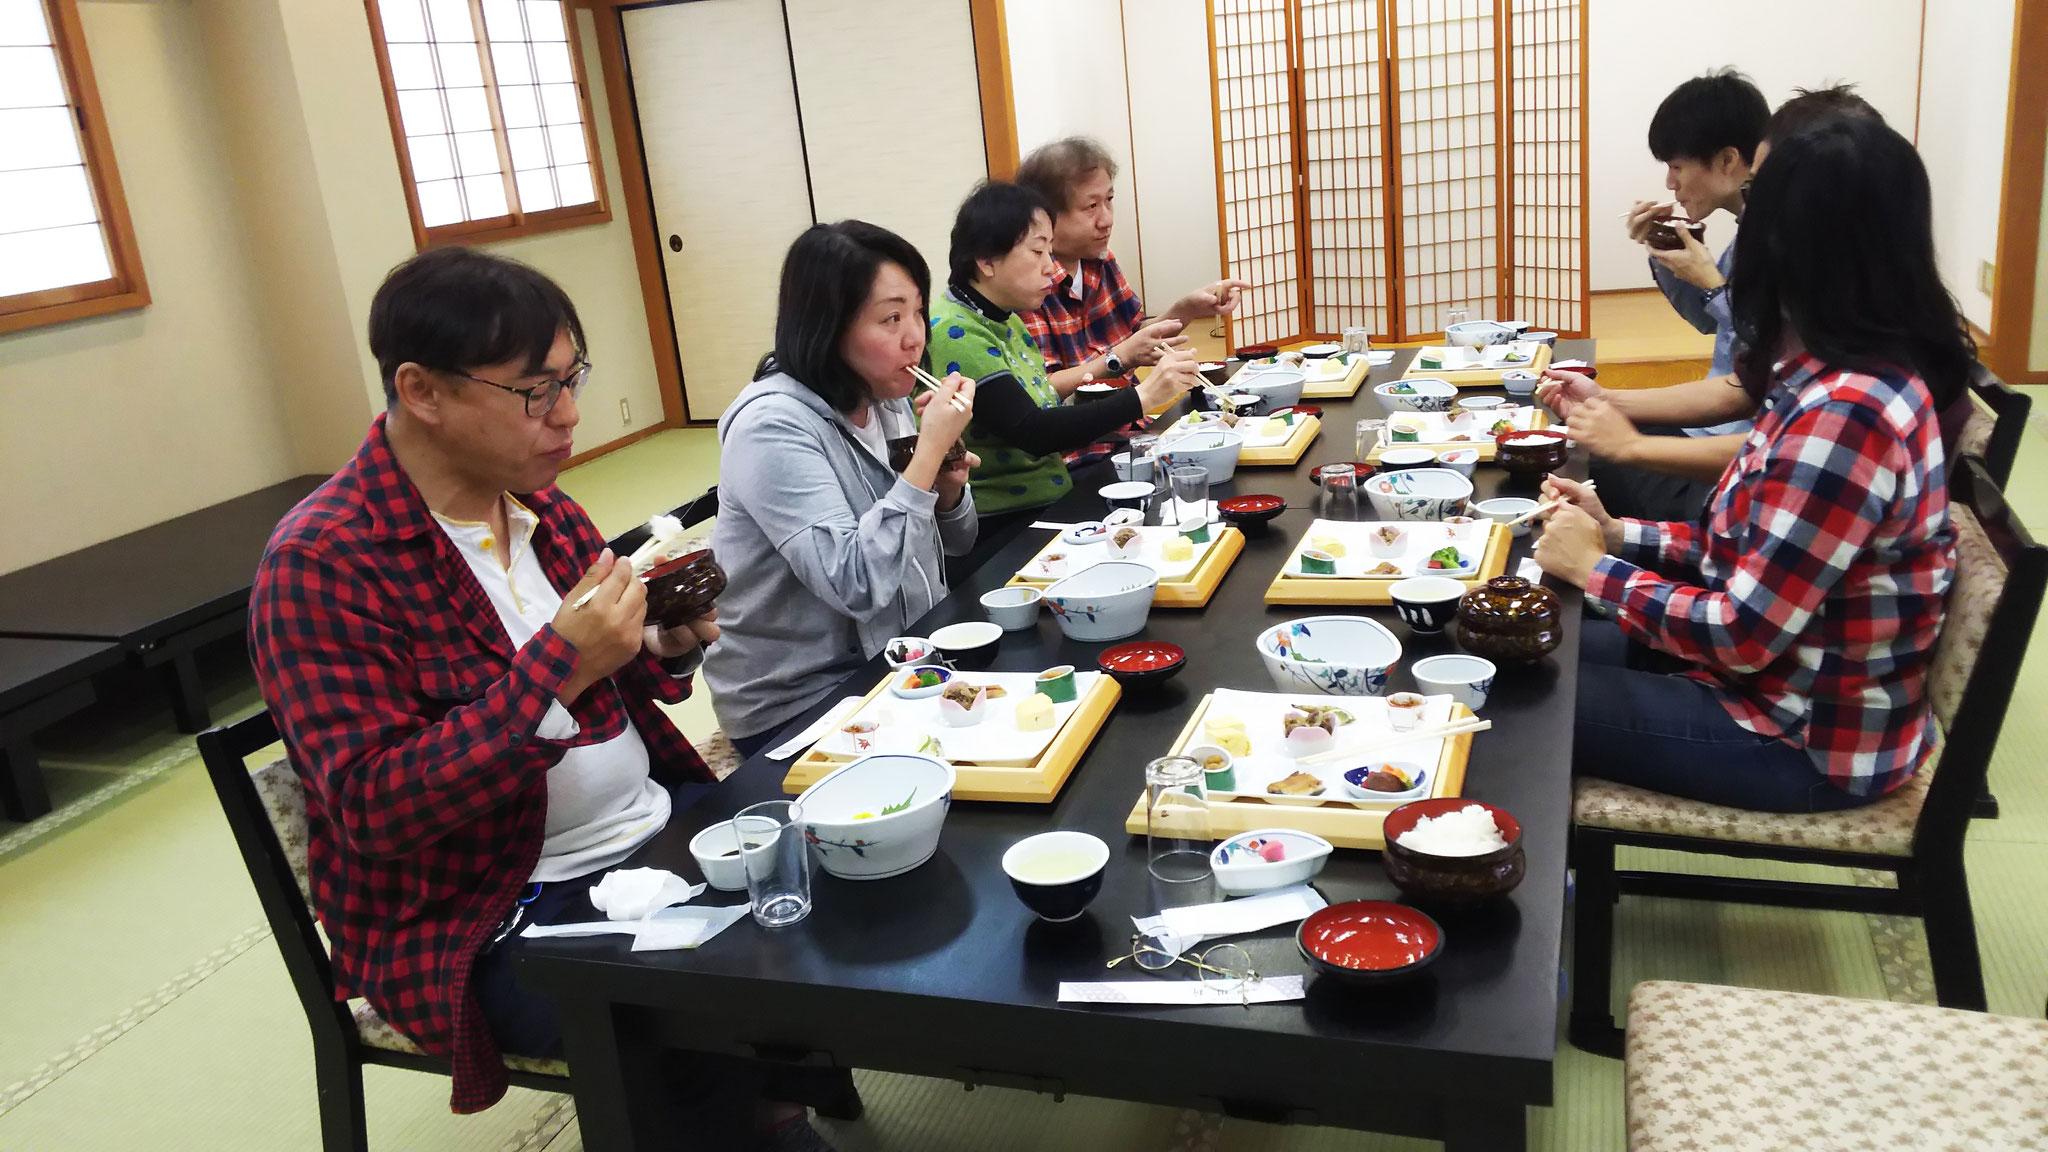 川新(懐石、湖魚等の料理)